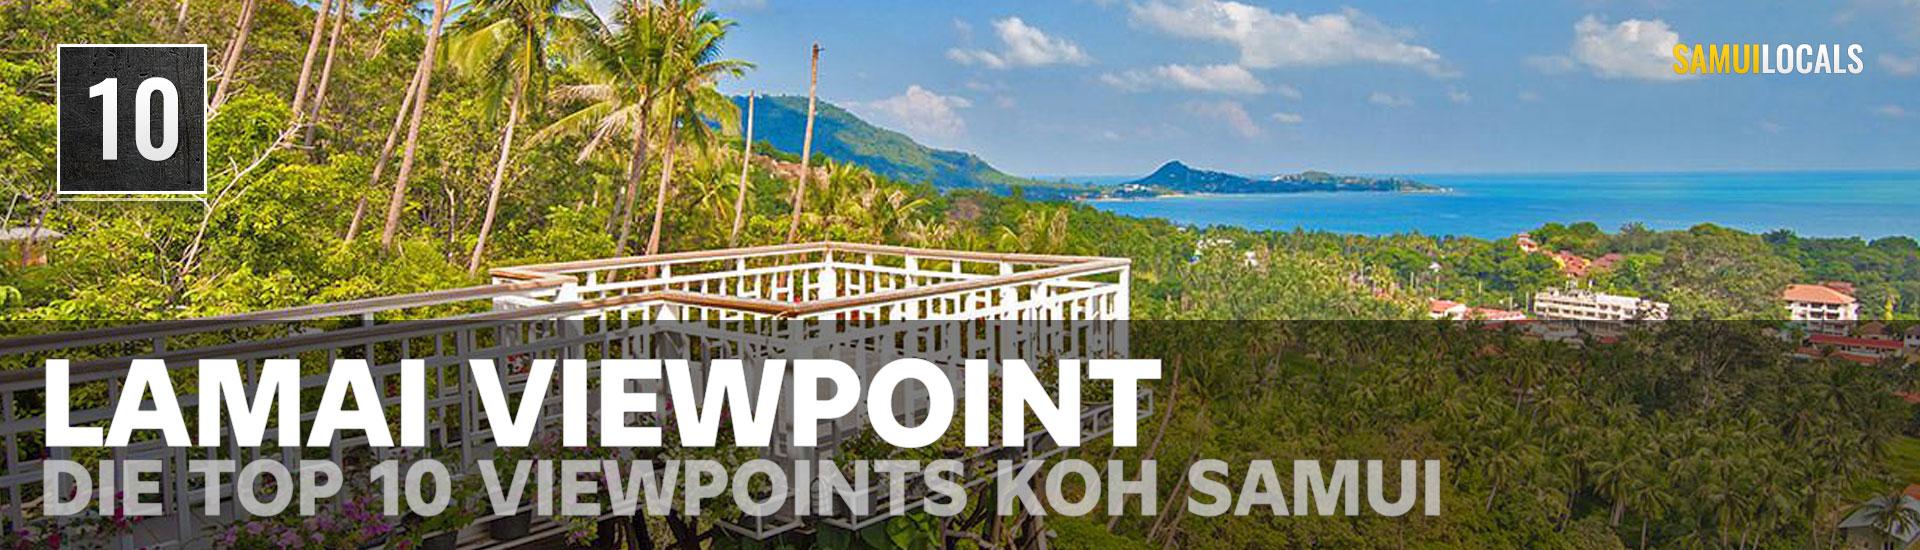 viewpoint_koh_samui_lamai_viewpoint